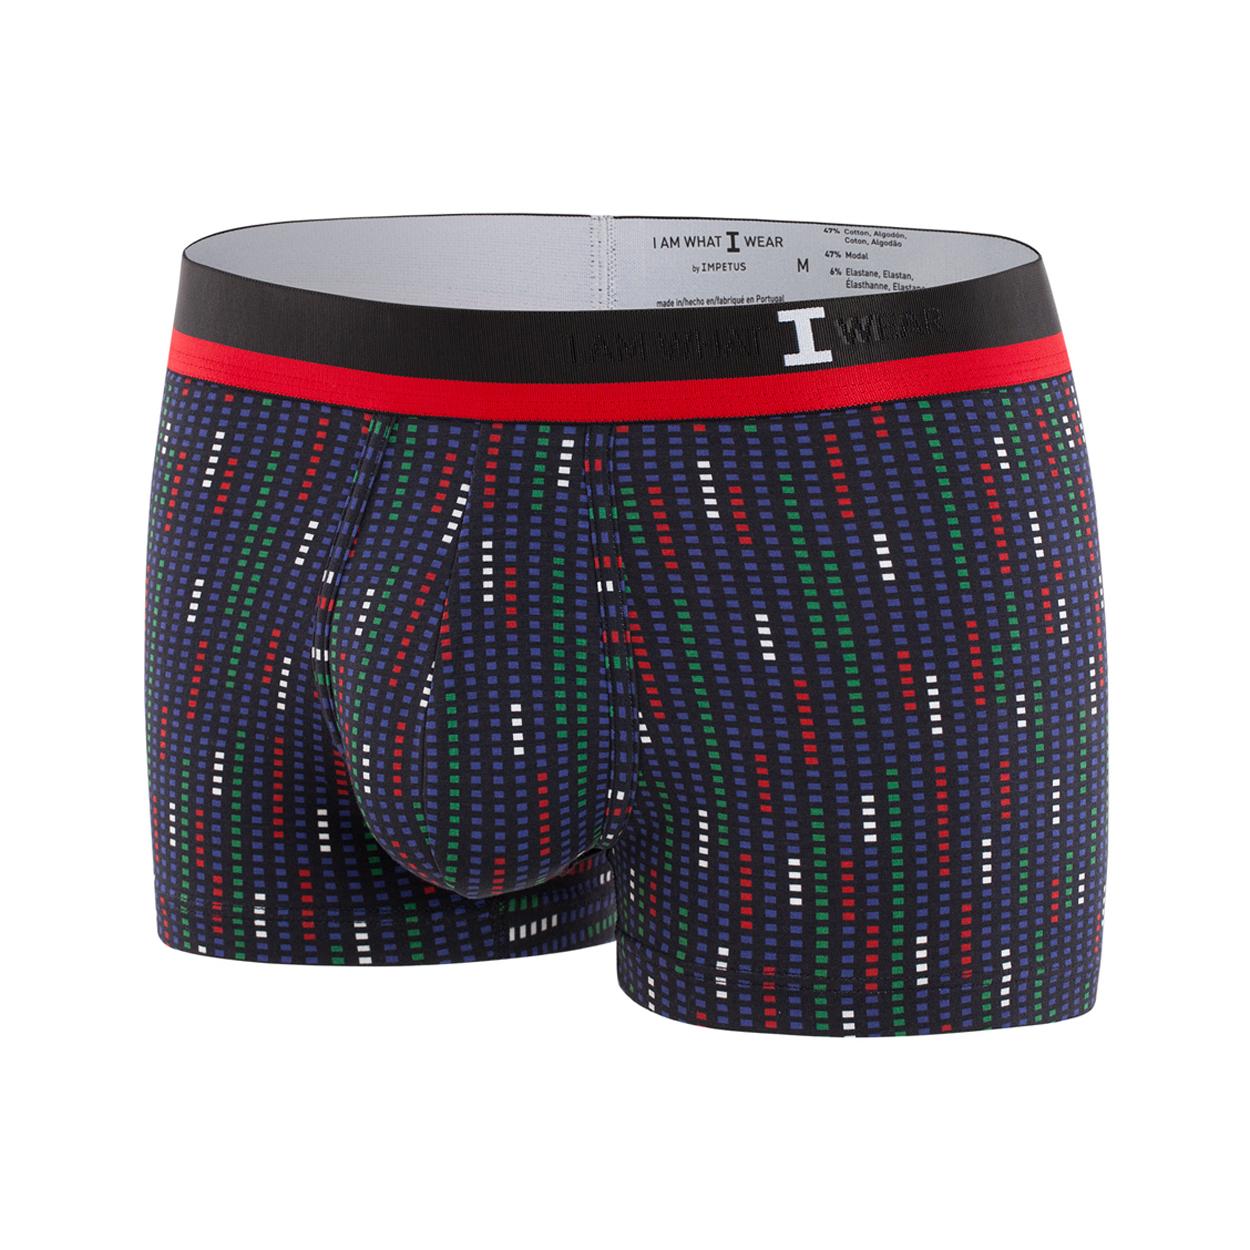 Boxer I am What I Wear en coton mélangé noir à motifs graphiques blancs, rouges, verts et bleus